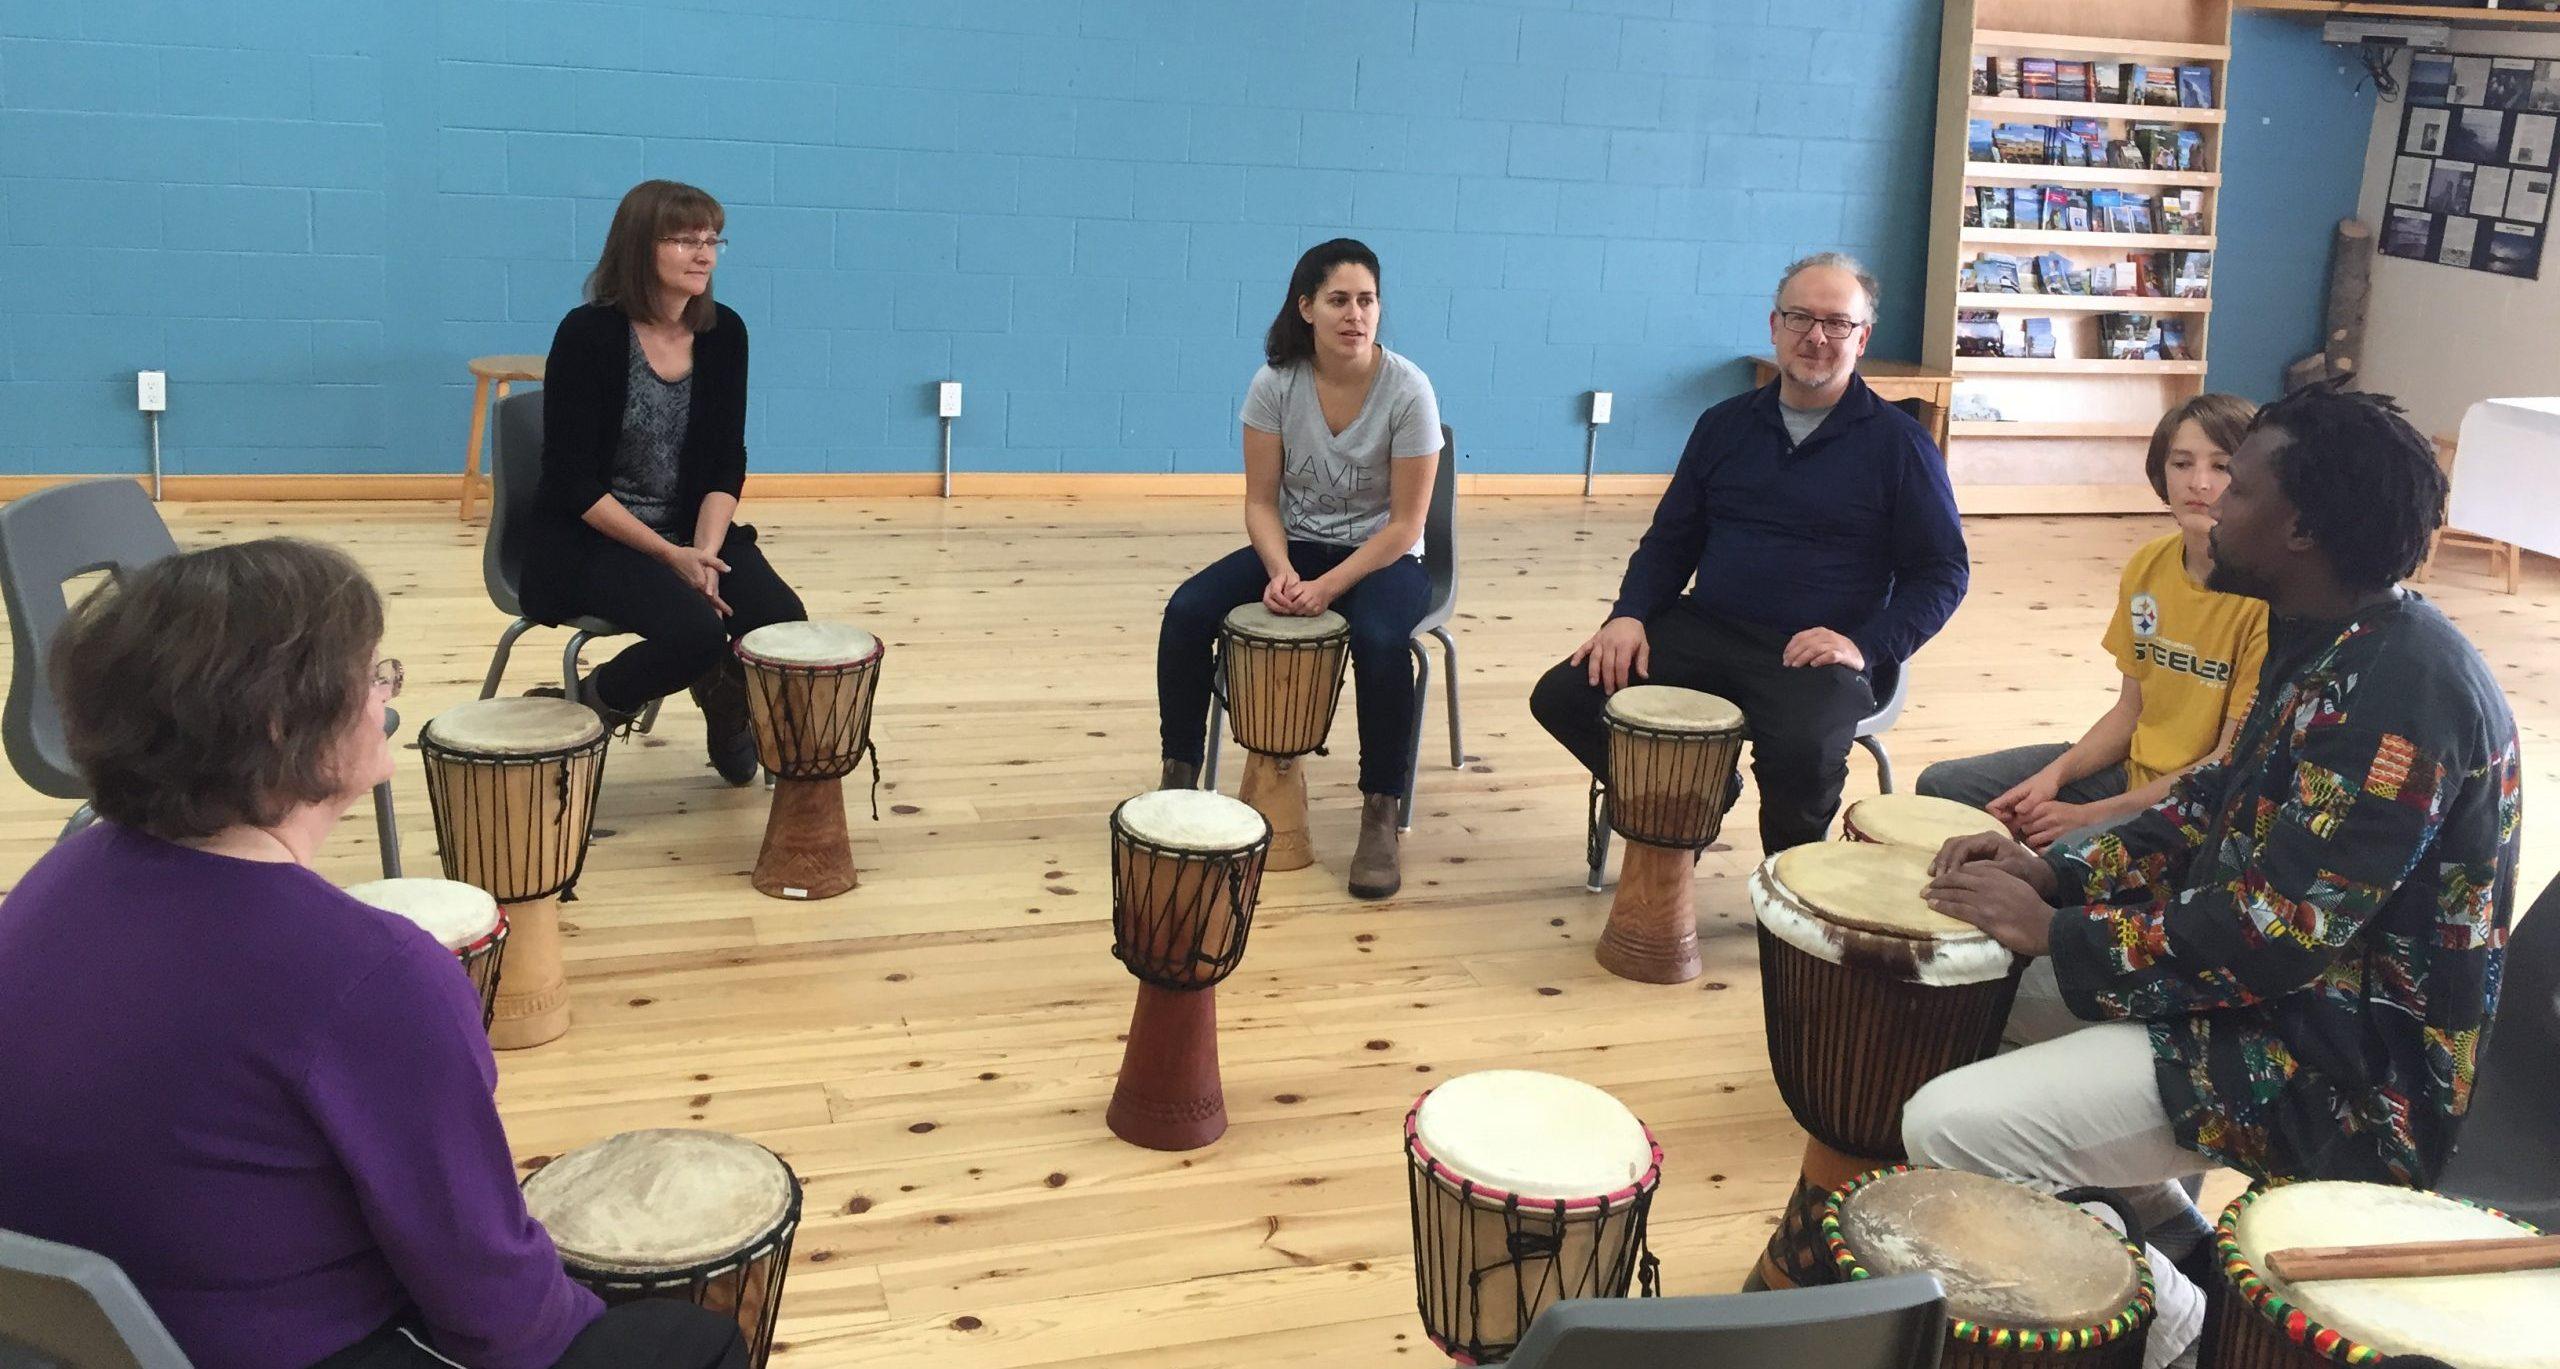 Semaine québécoise des rencontres interculturelles